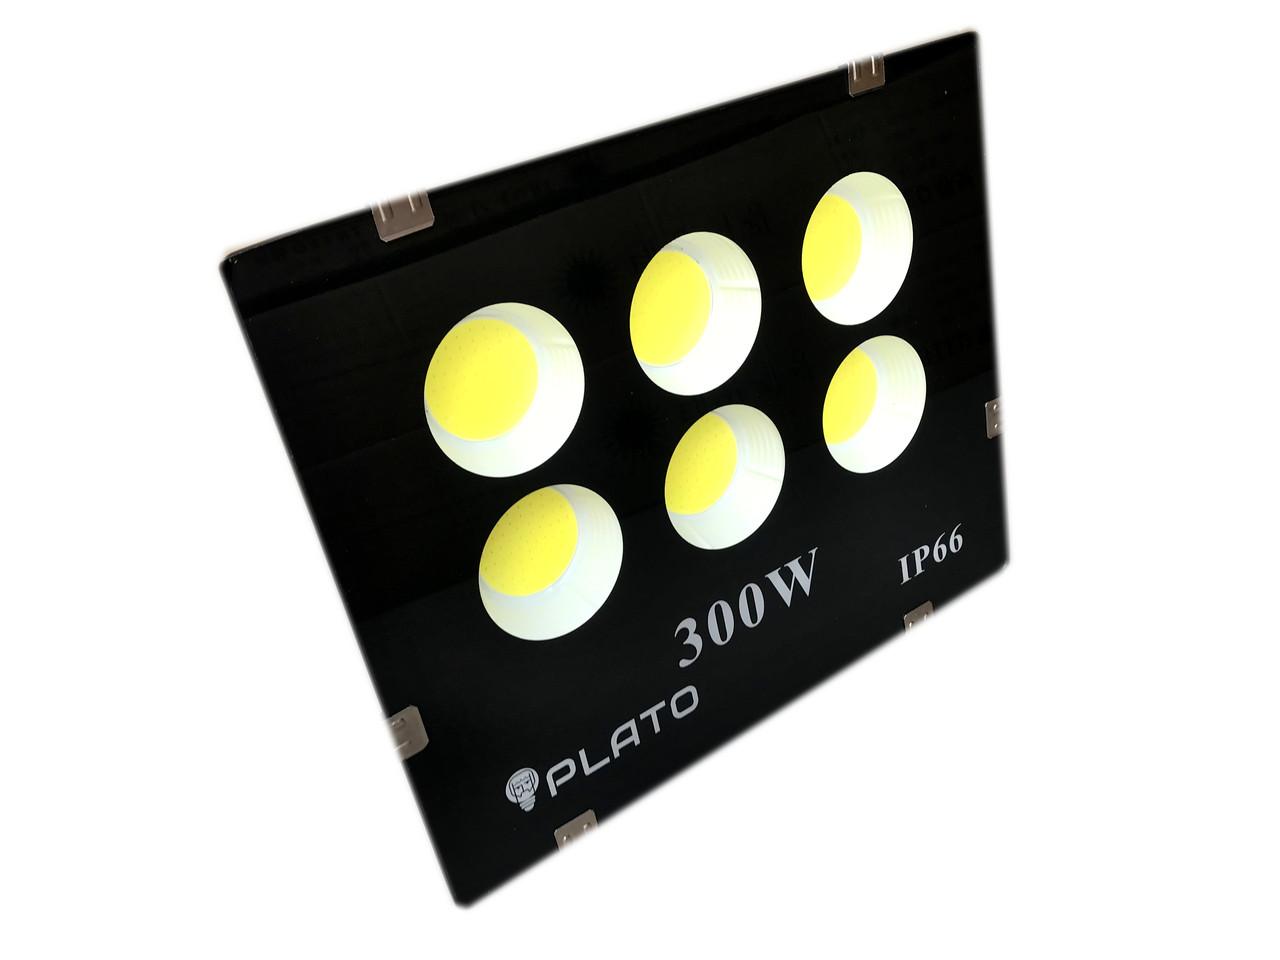 Светодиодный прожектор PLATO 300 W, 6500K